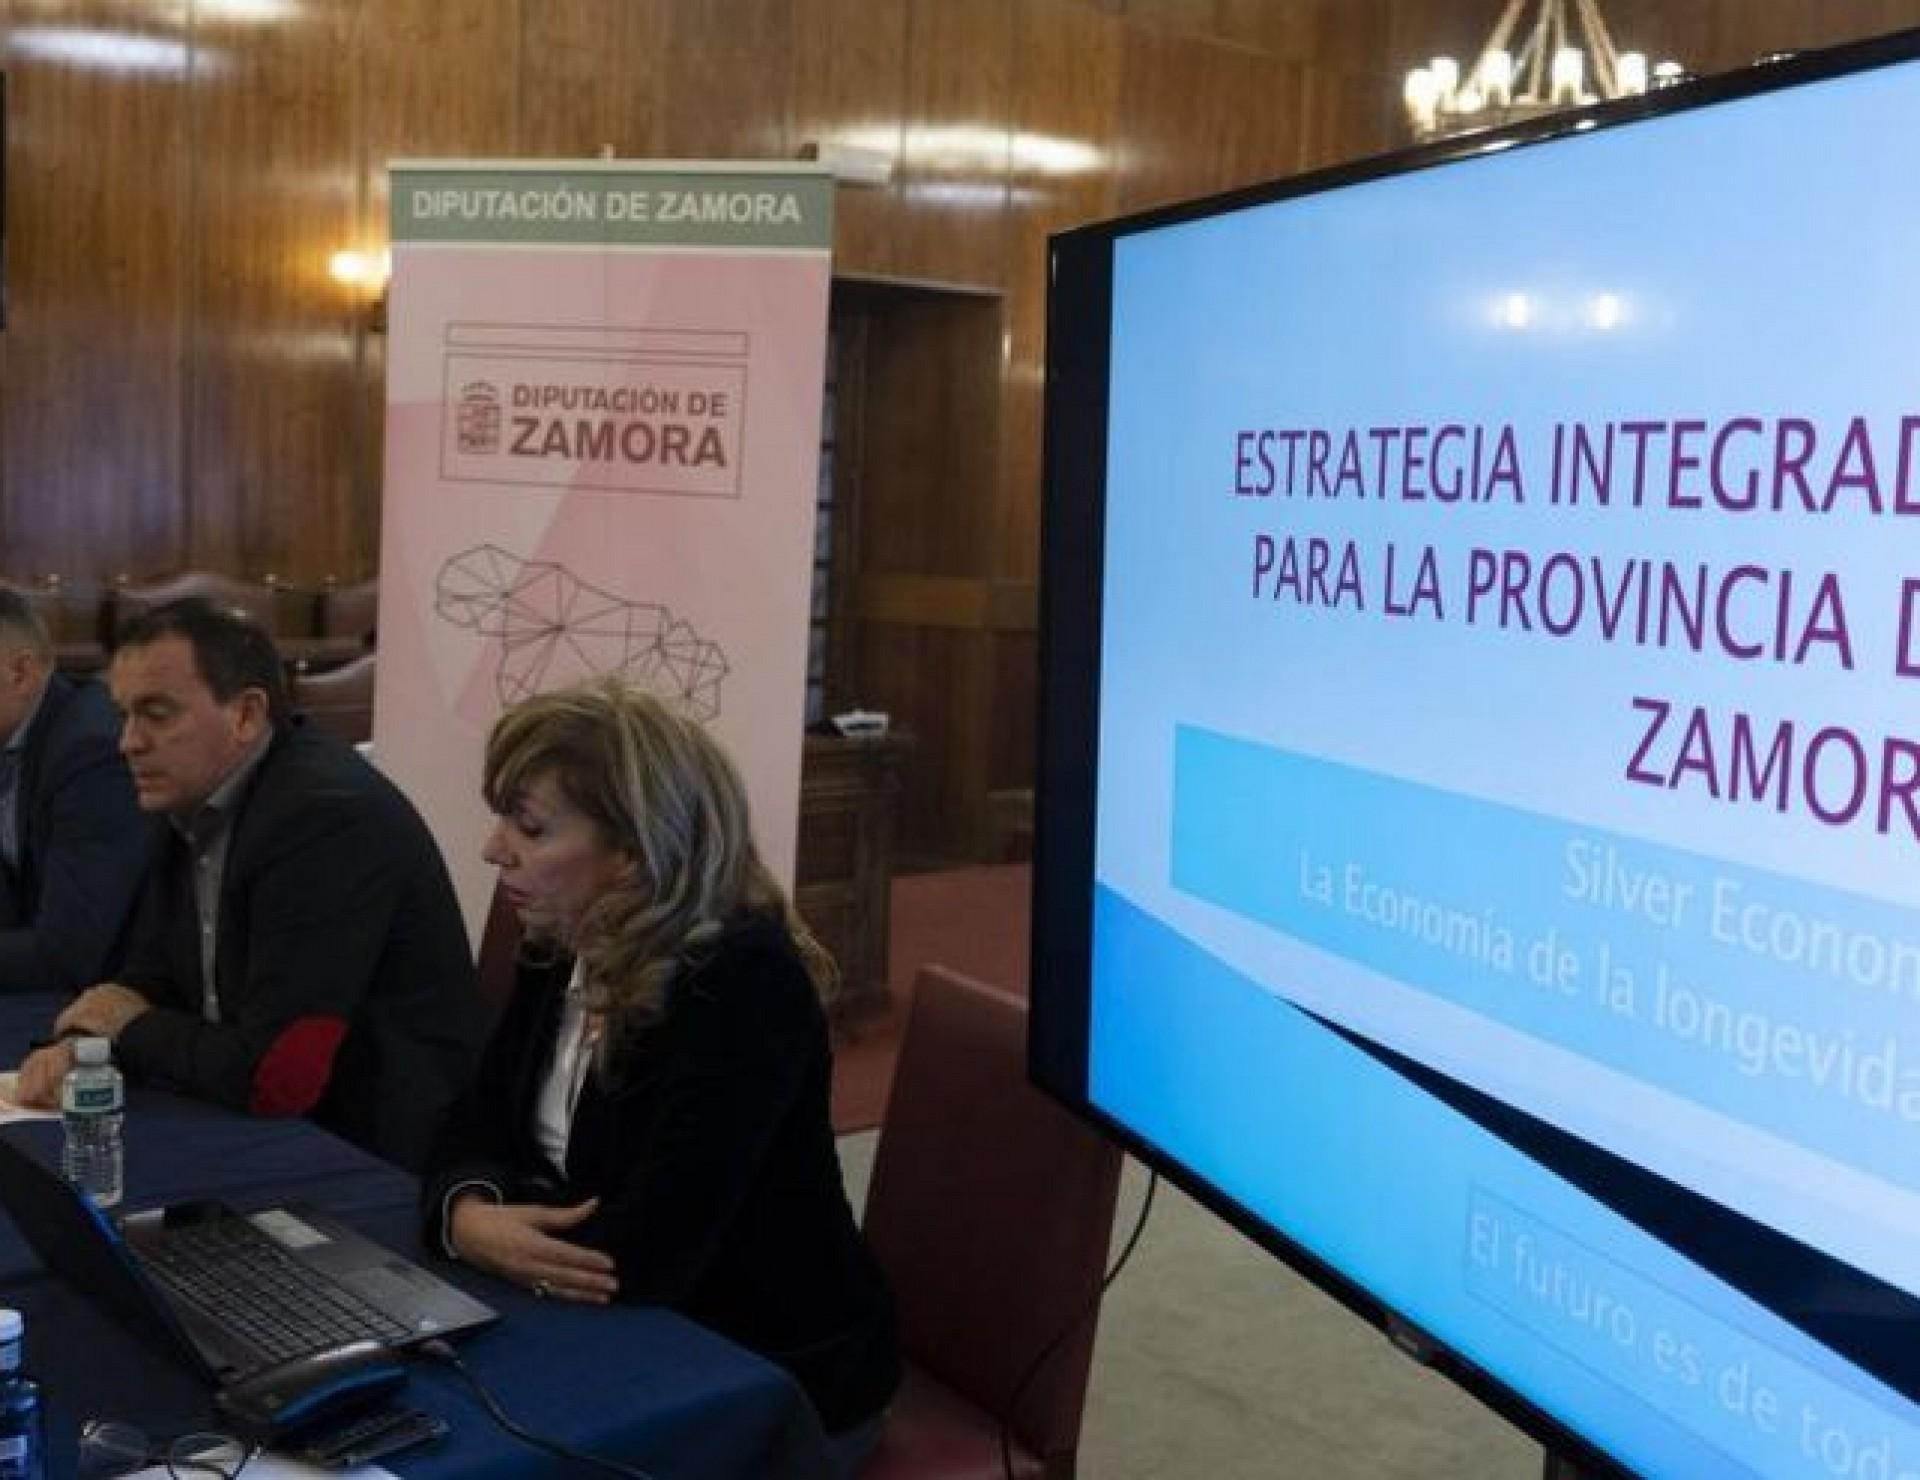 La candidatura de Zamora al centro de innovación europeo ya es oficial tras pasar el primer filtro